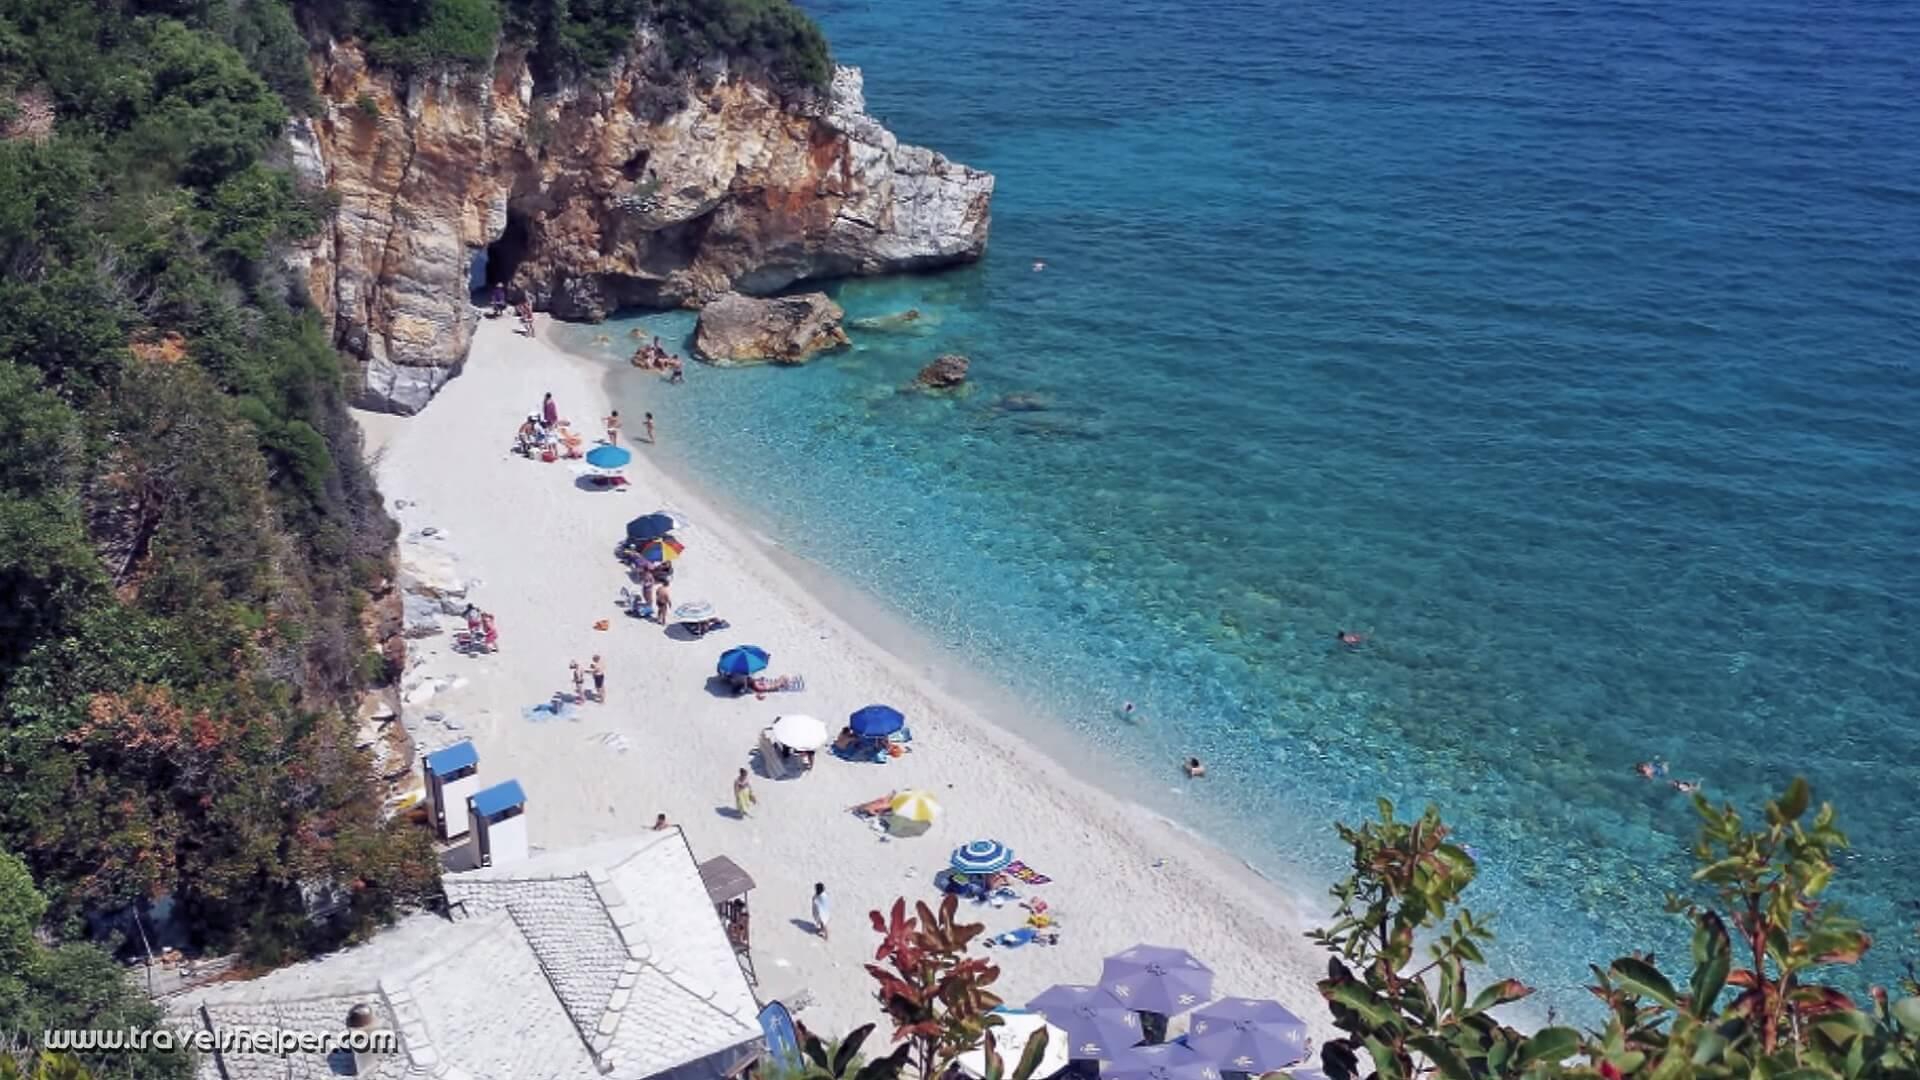 Tsagarada,Pelion in Greece